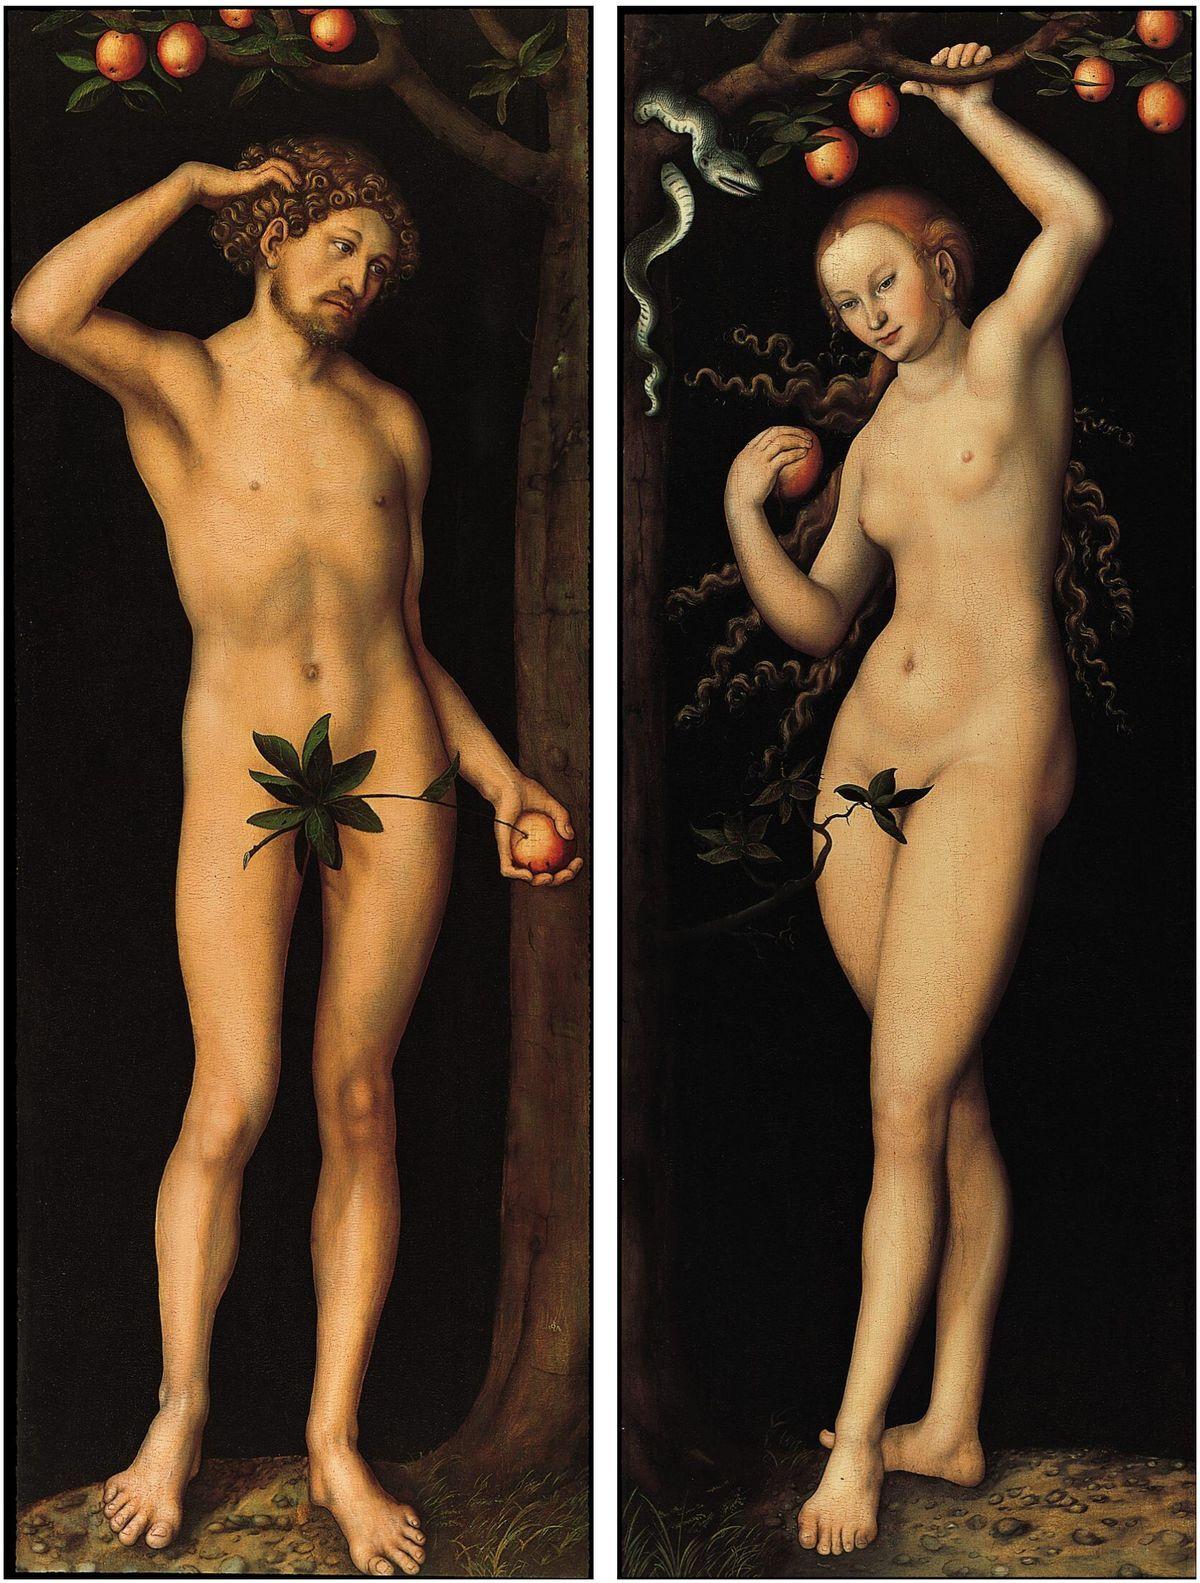 Lucas Cranach the Elder, Adam and Eve, circa 1530. Image via Wikimedia Commons.